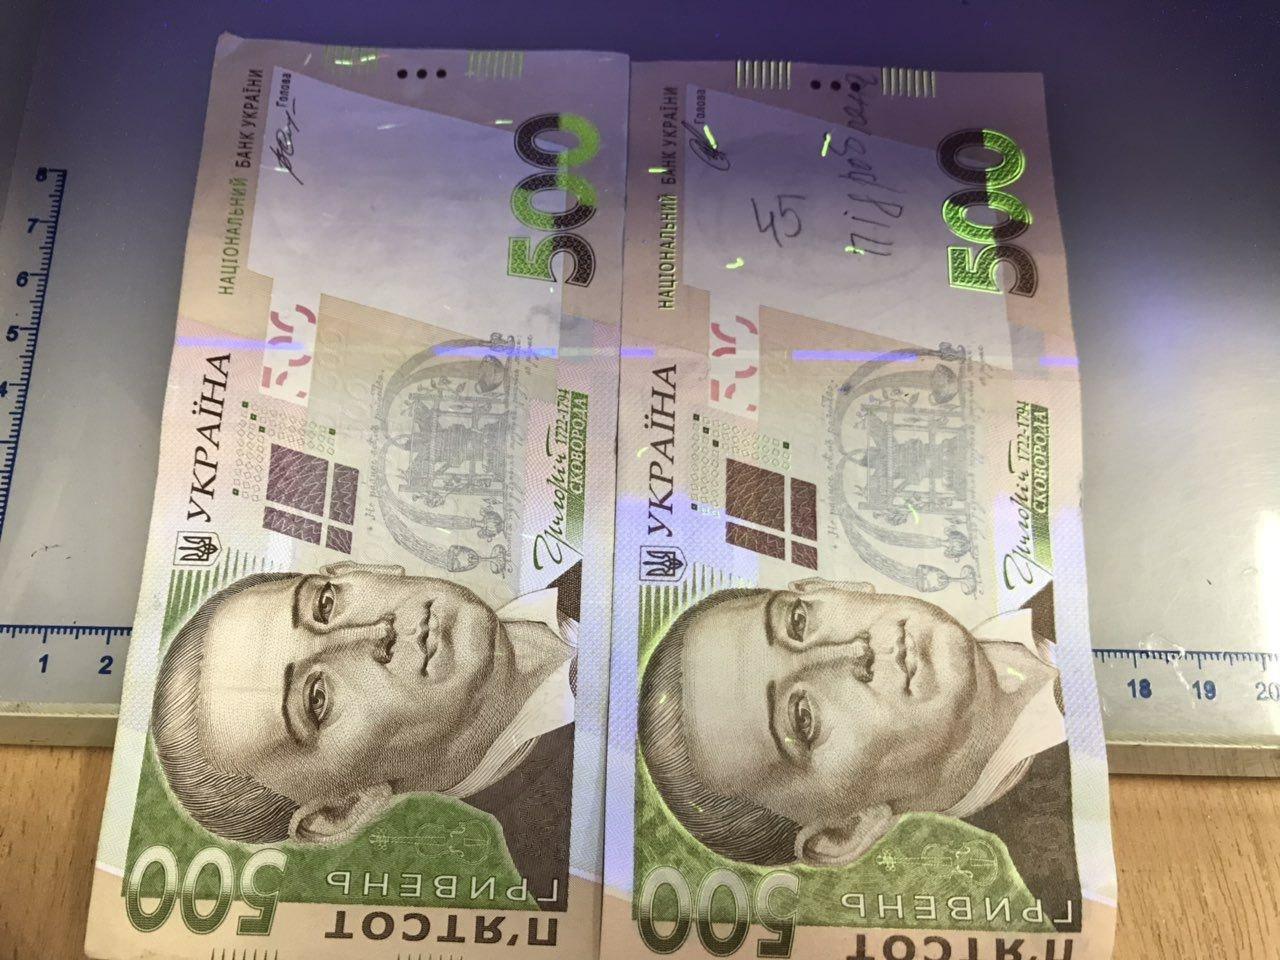 500 гривен очень качественные подделки